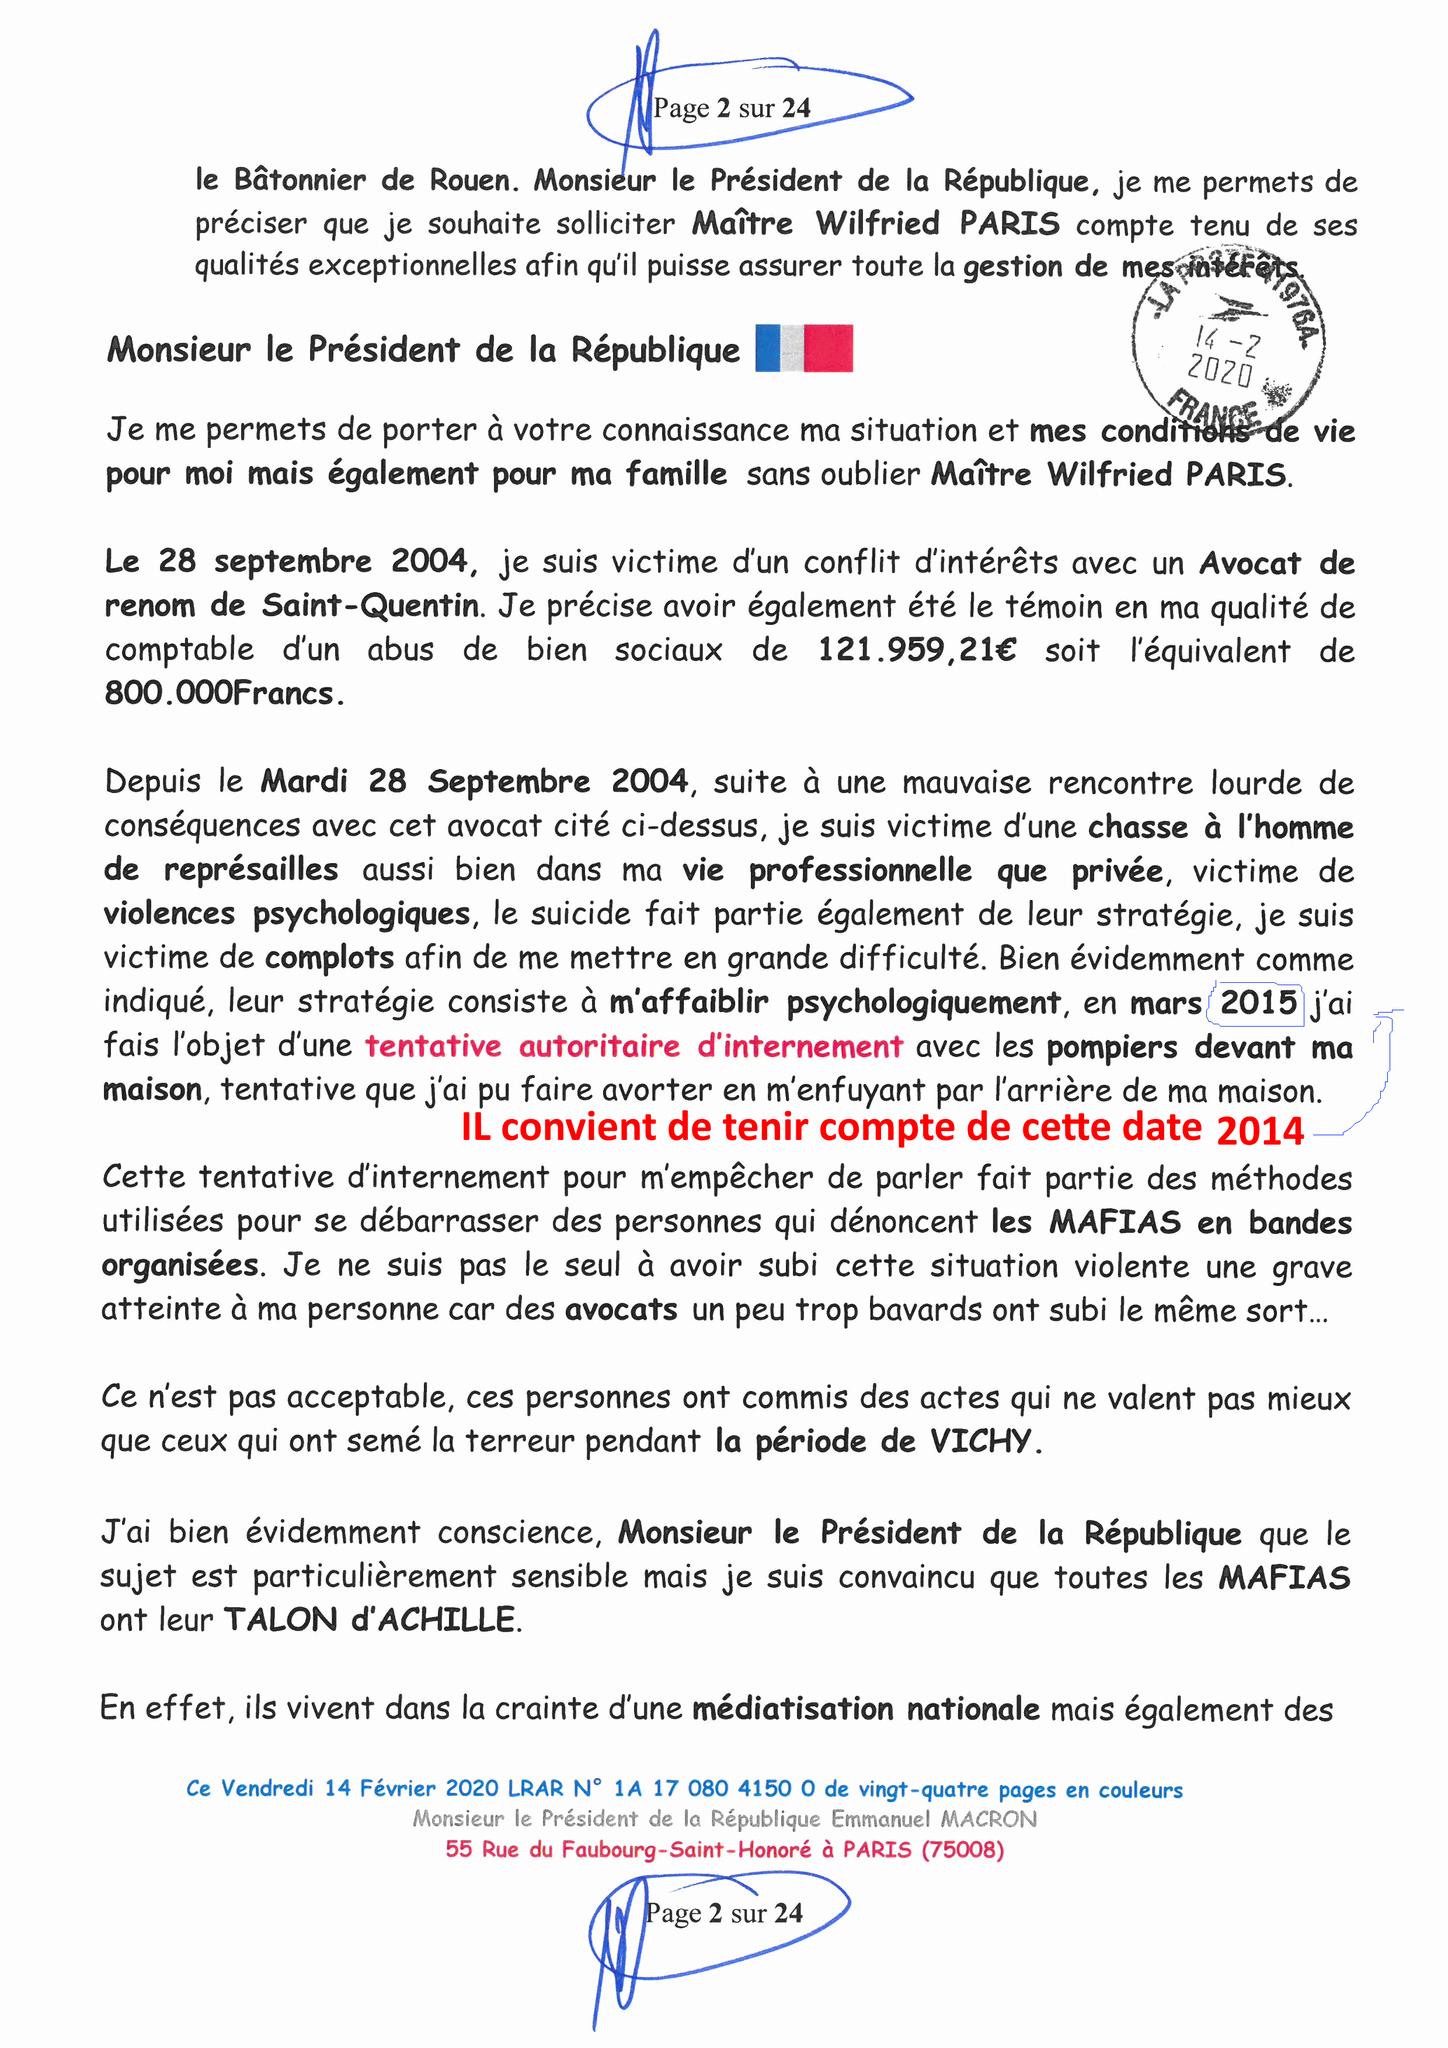 Ma lettre recommandée du 14 Février 2020 N° 1A 178 082 4150 0  page 2 sur 24 en couleur que j'ai adressé à Monsieur Emmanuel MACRON le Président de la République www.jesuispatrick.fr